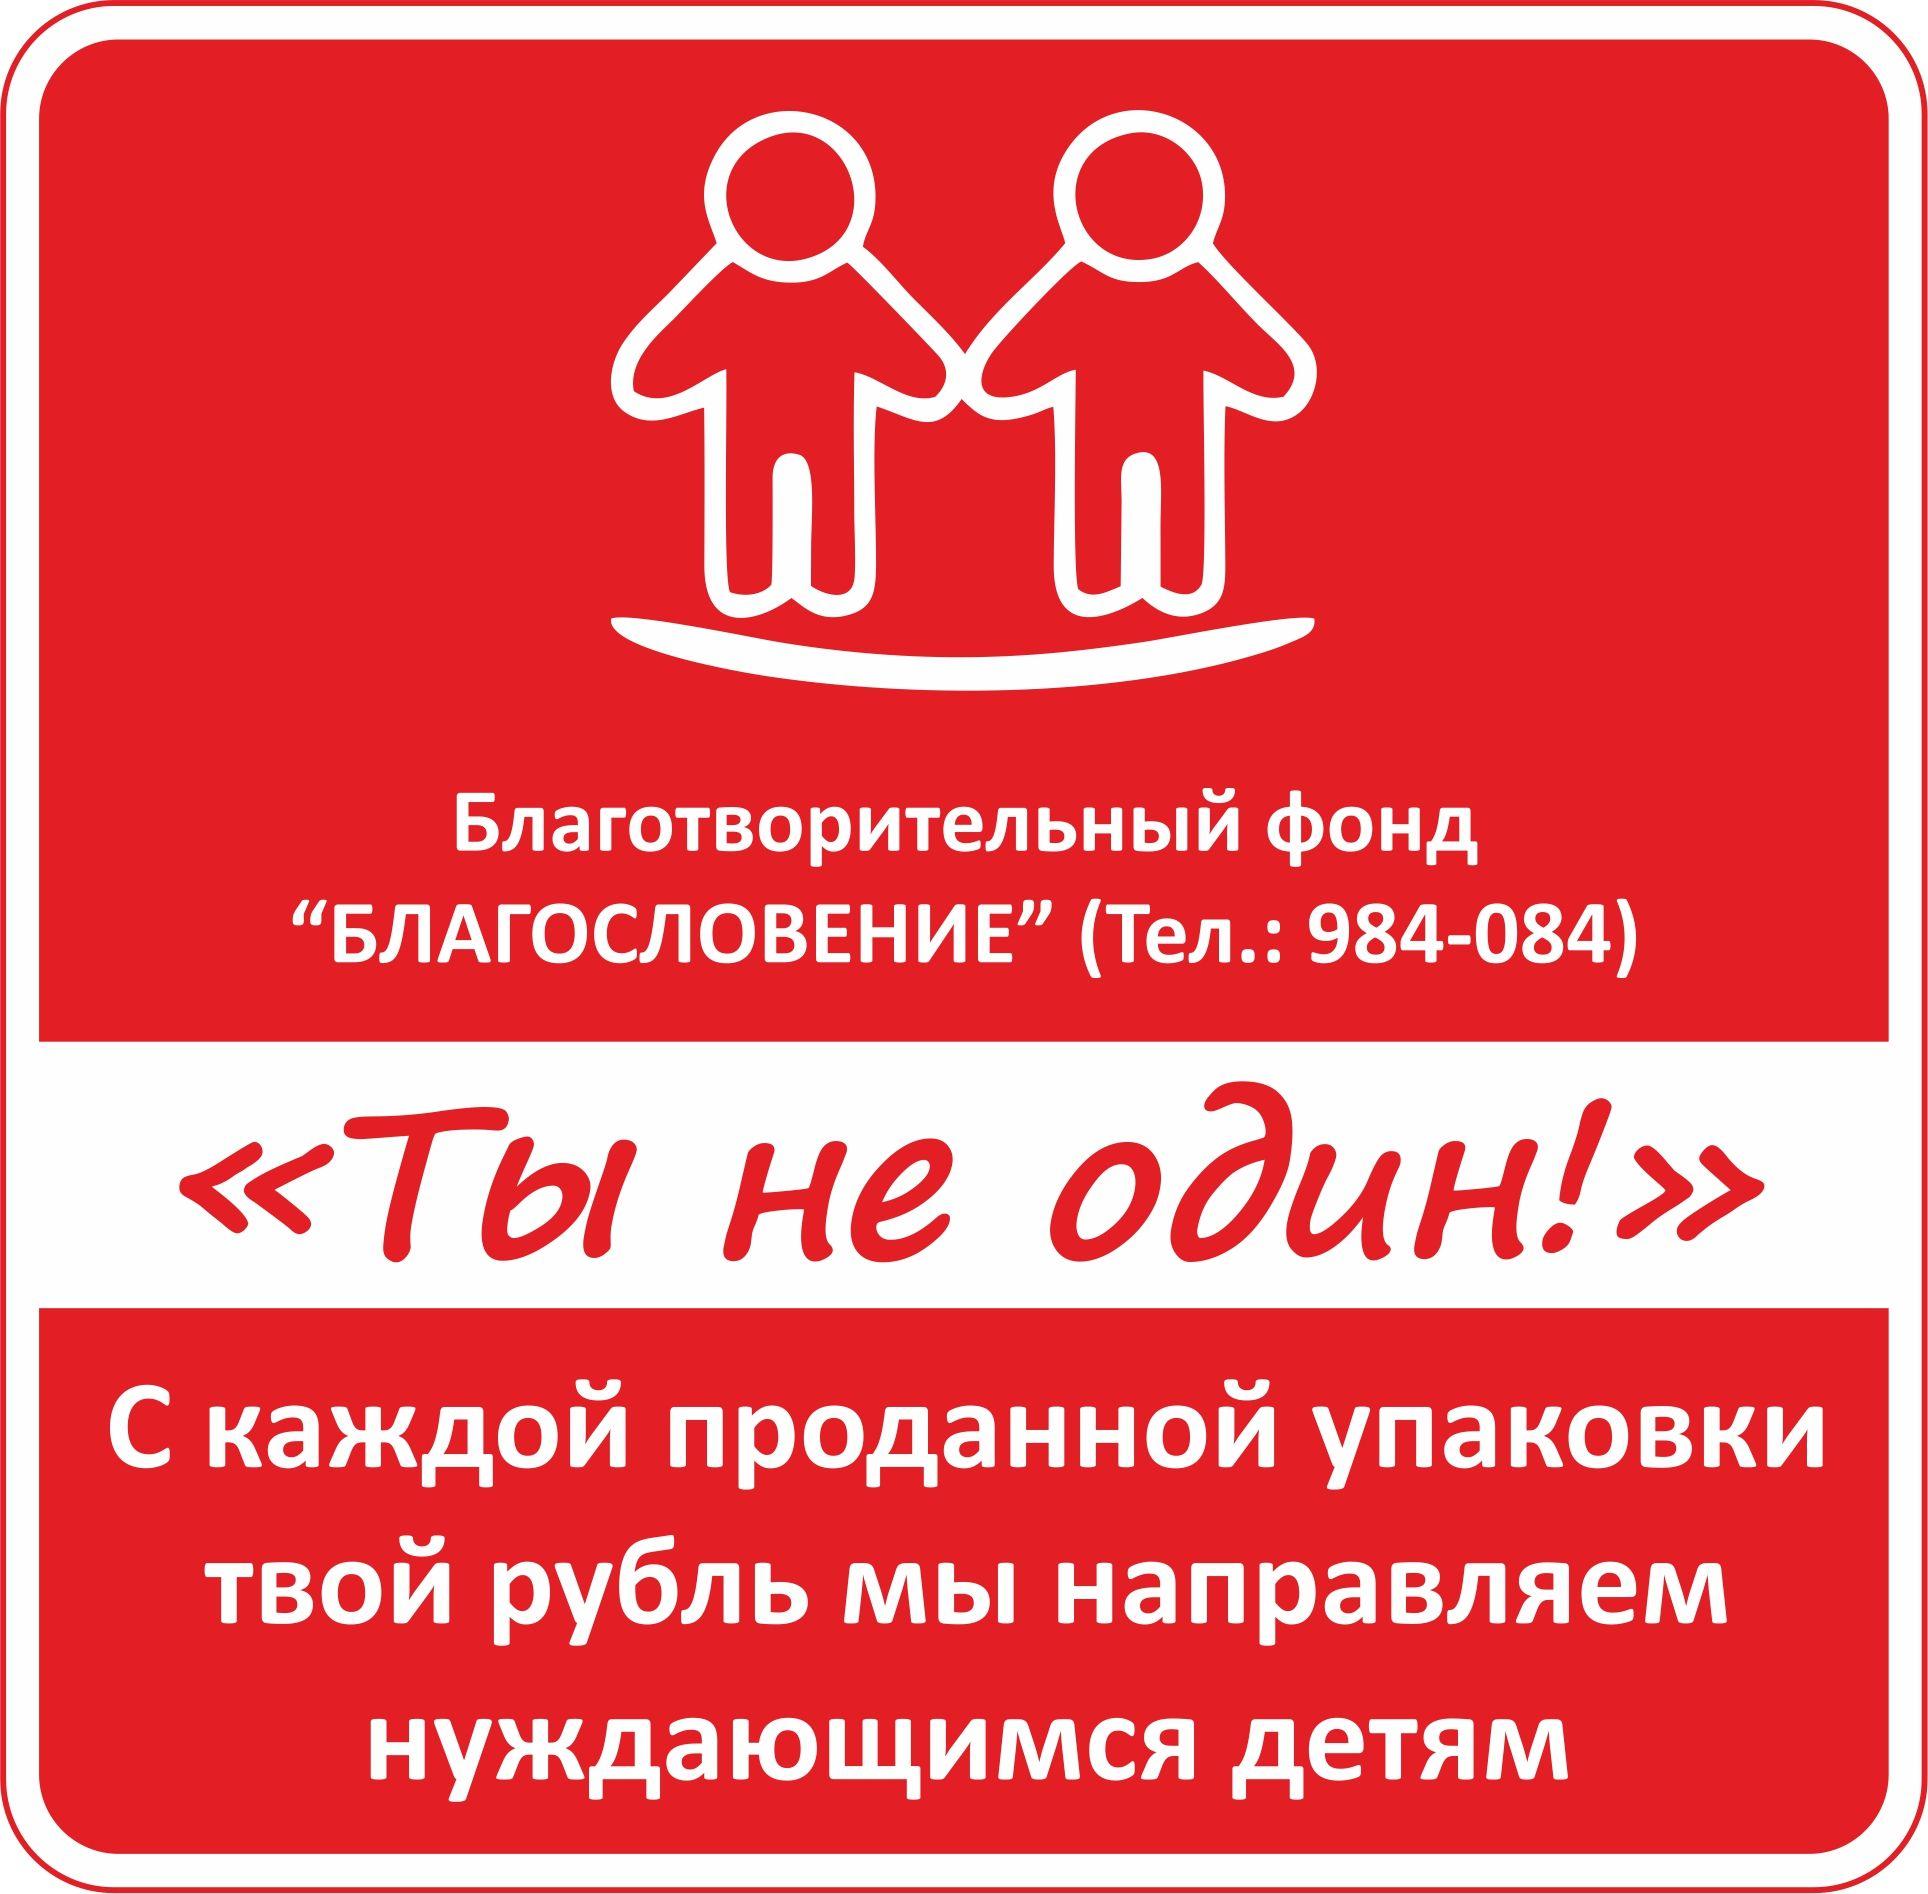 сделать материальные пожертвования на благотворительность в Волгограде